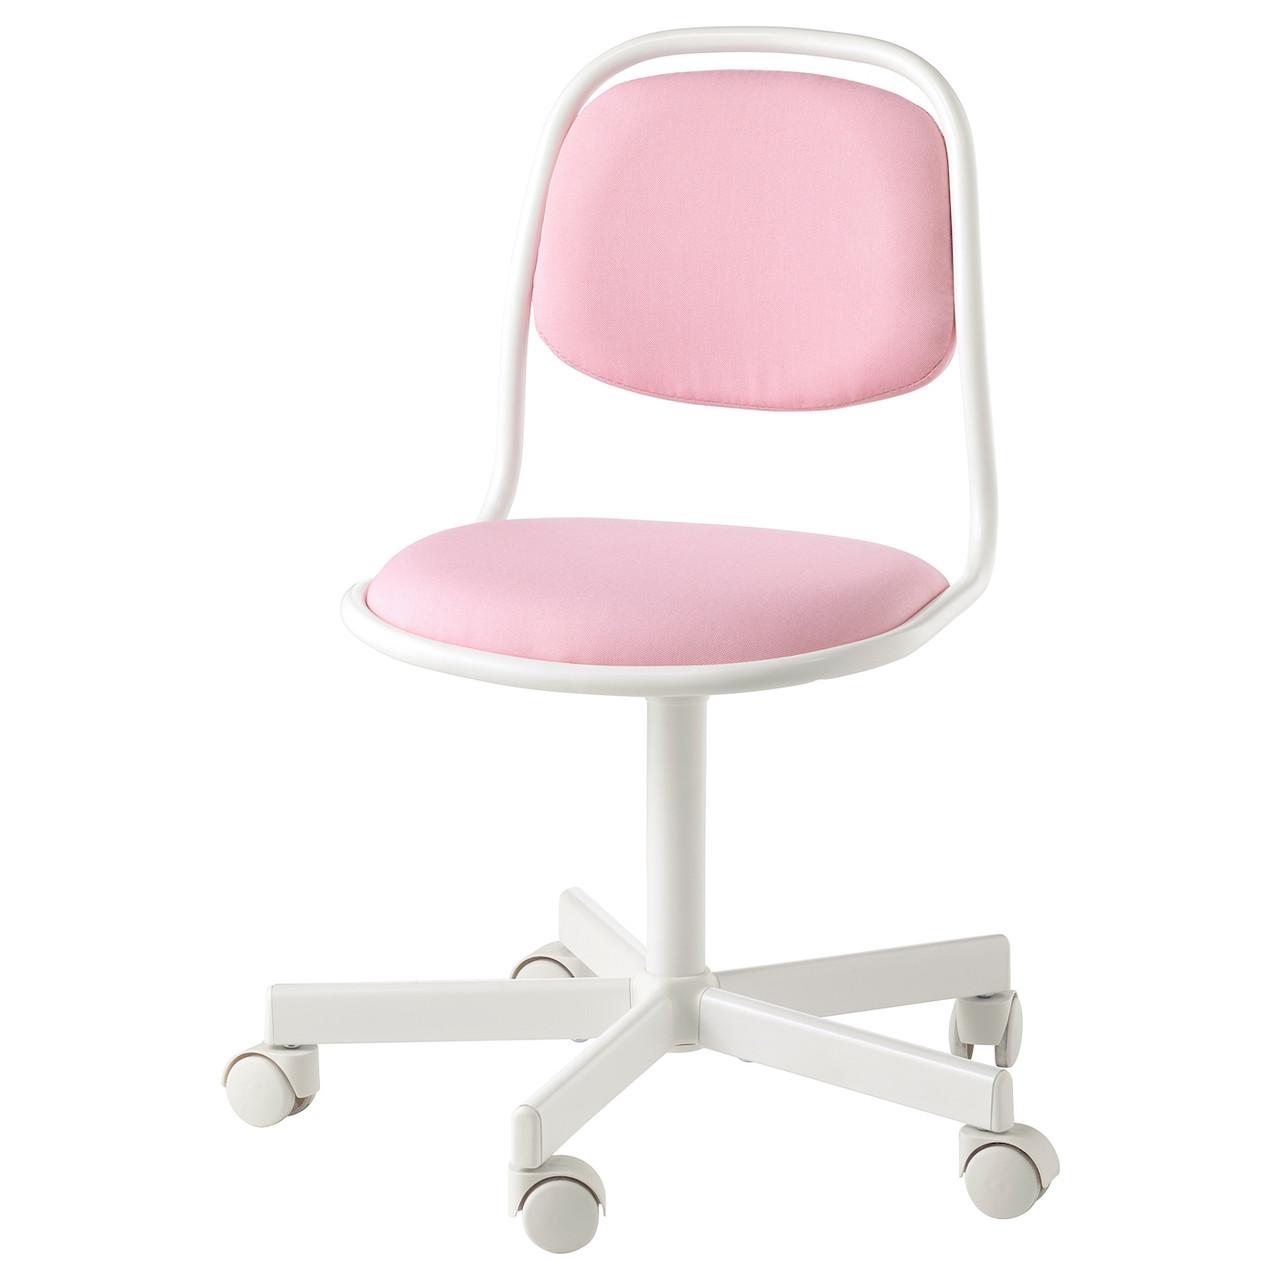 Детское компьютерное кресло IKEA ÖRFJÄLL Vissle розовое 704.417.69